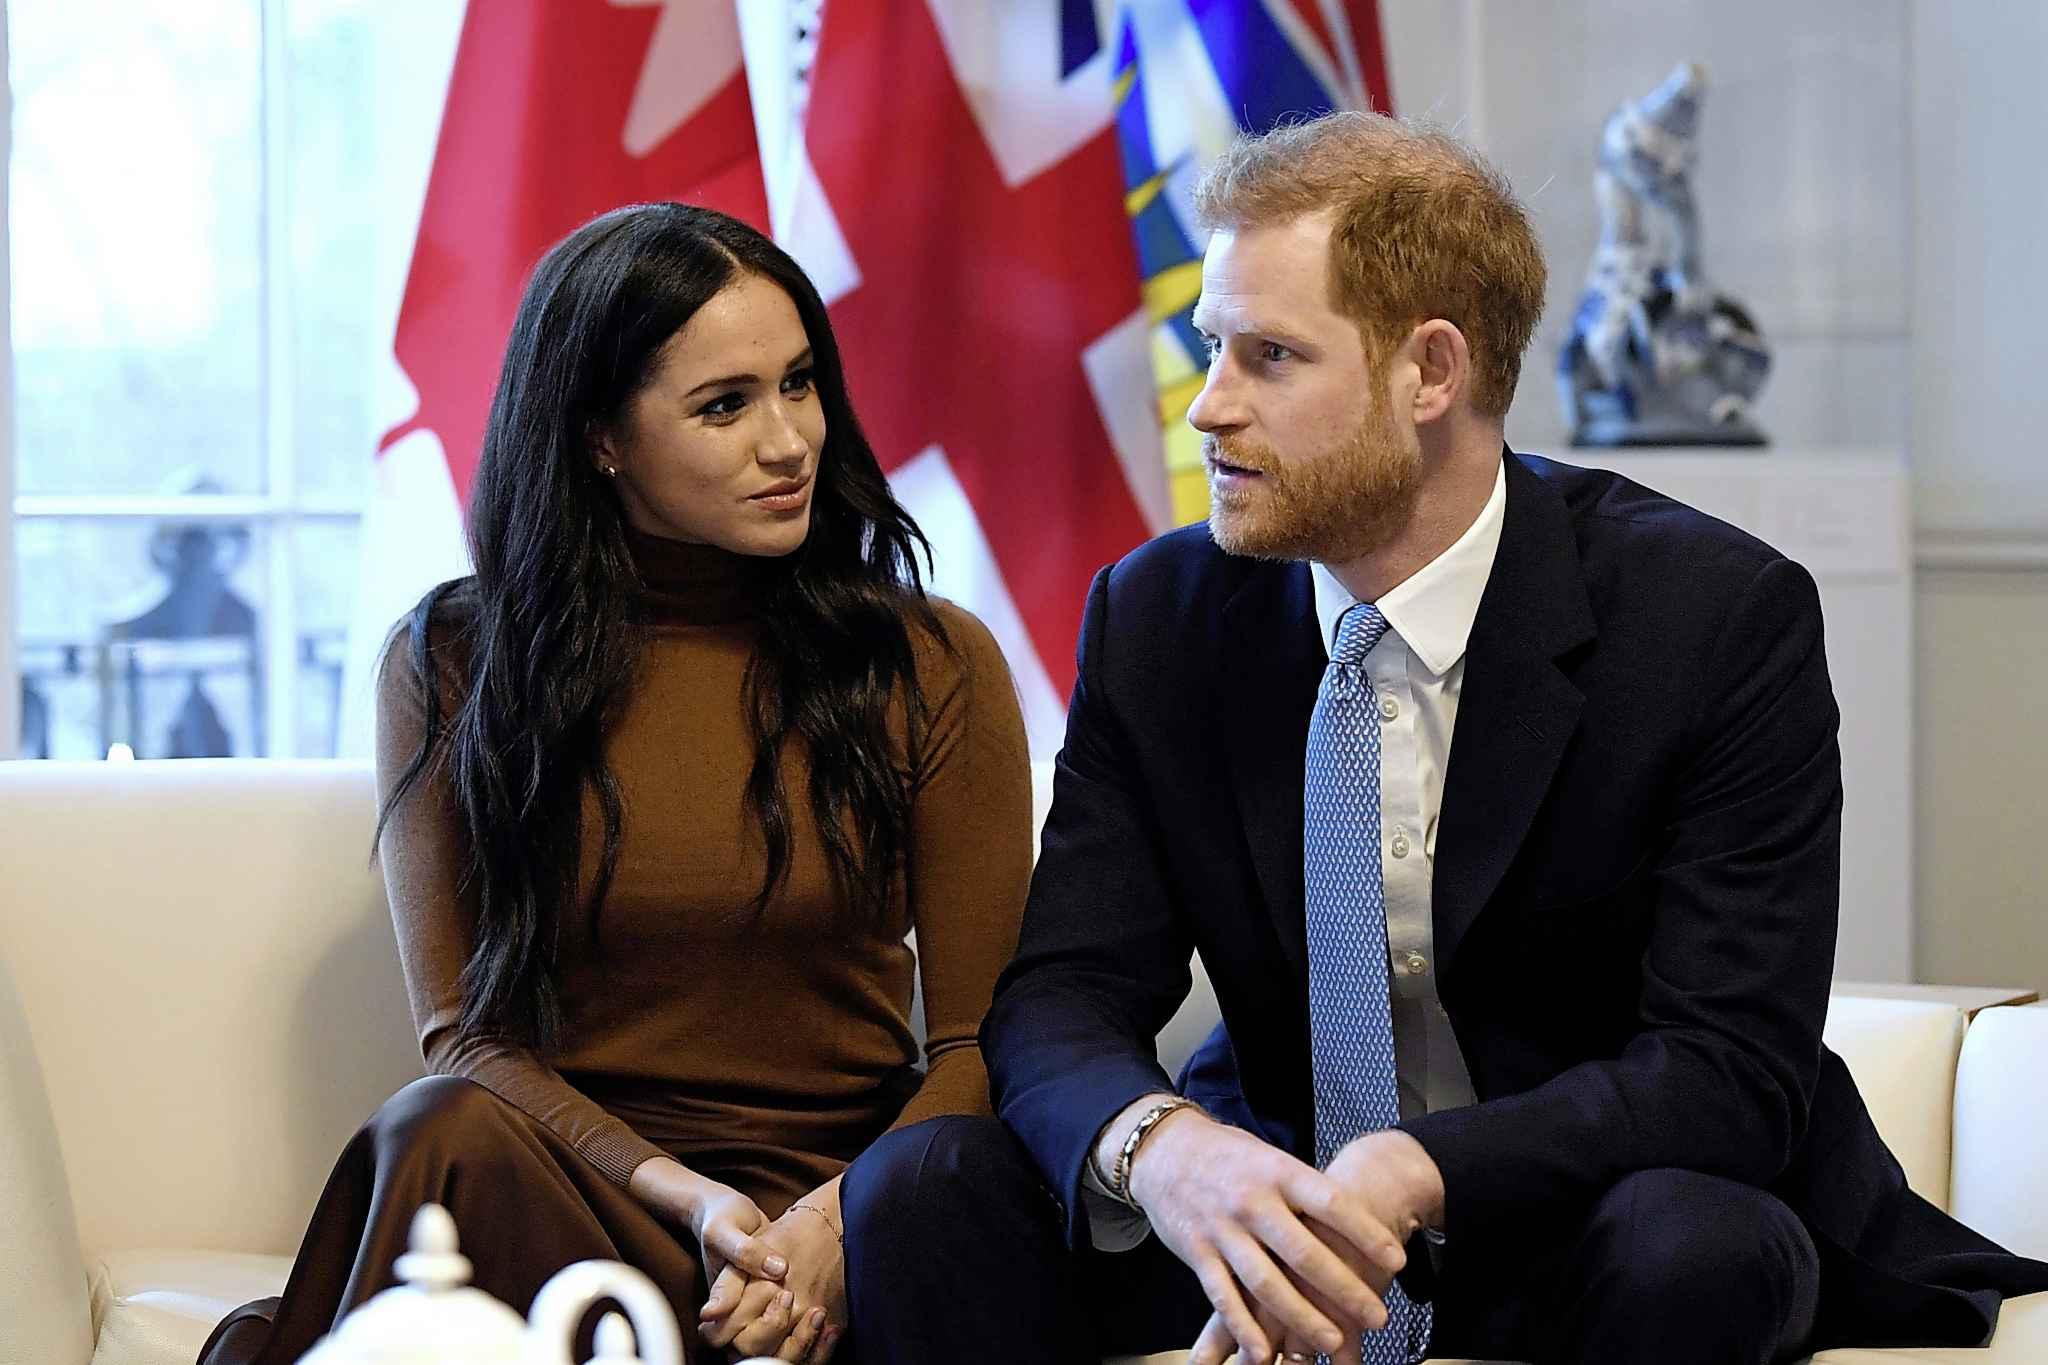 کانادا قرار است دیگر برای امنیت پرنس هری و مگان هزینه نکند